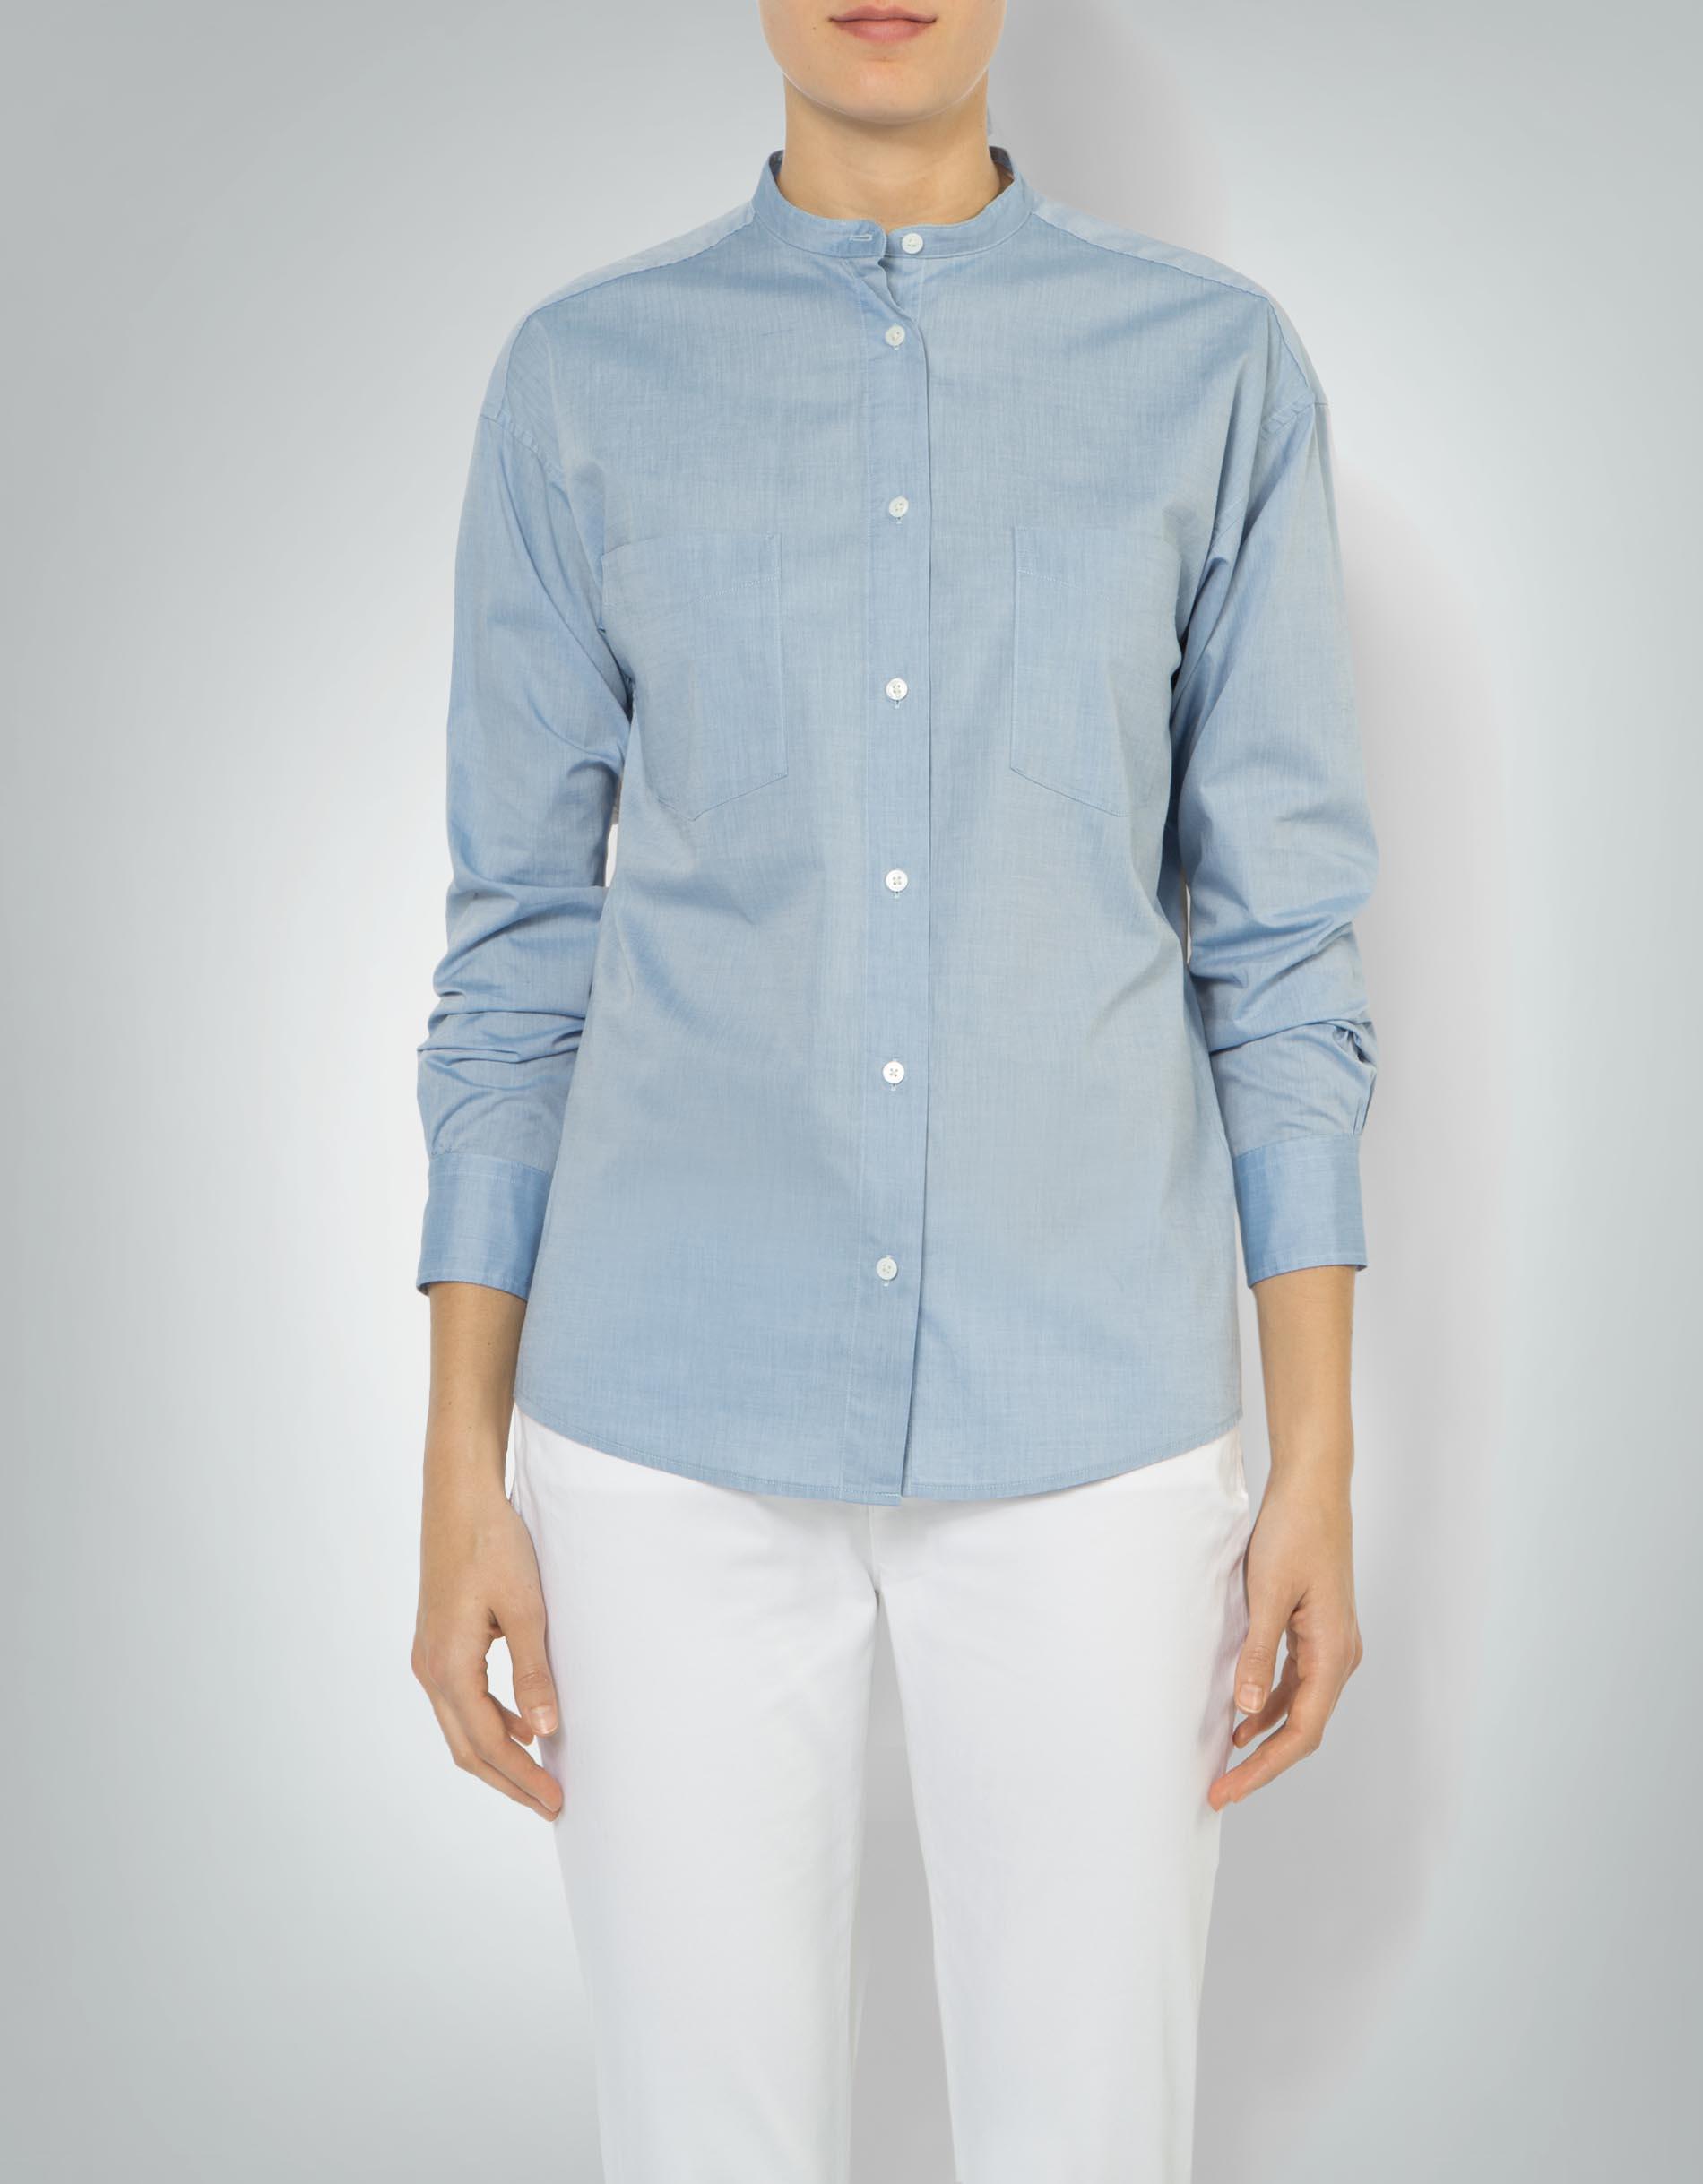 Gant Damen Bluse mit Stehkragen empfohlen von Deinen Schwestern b46814c2b3